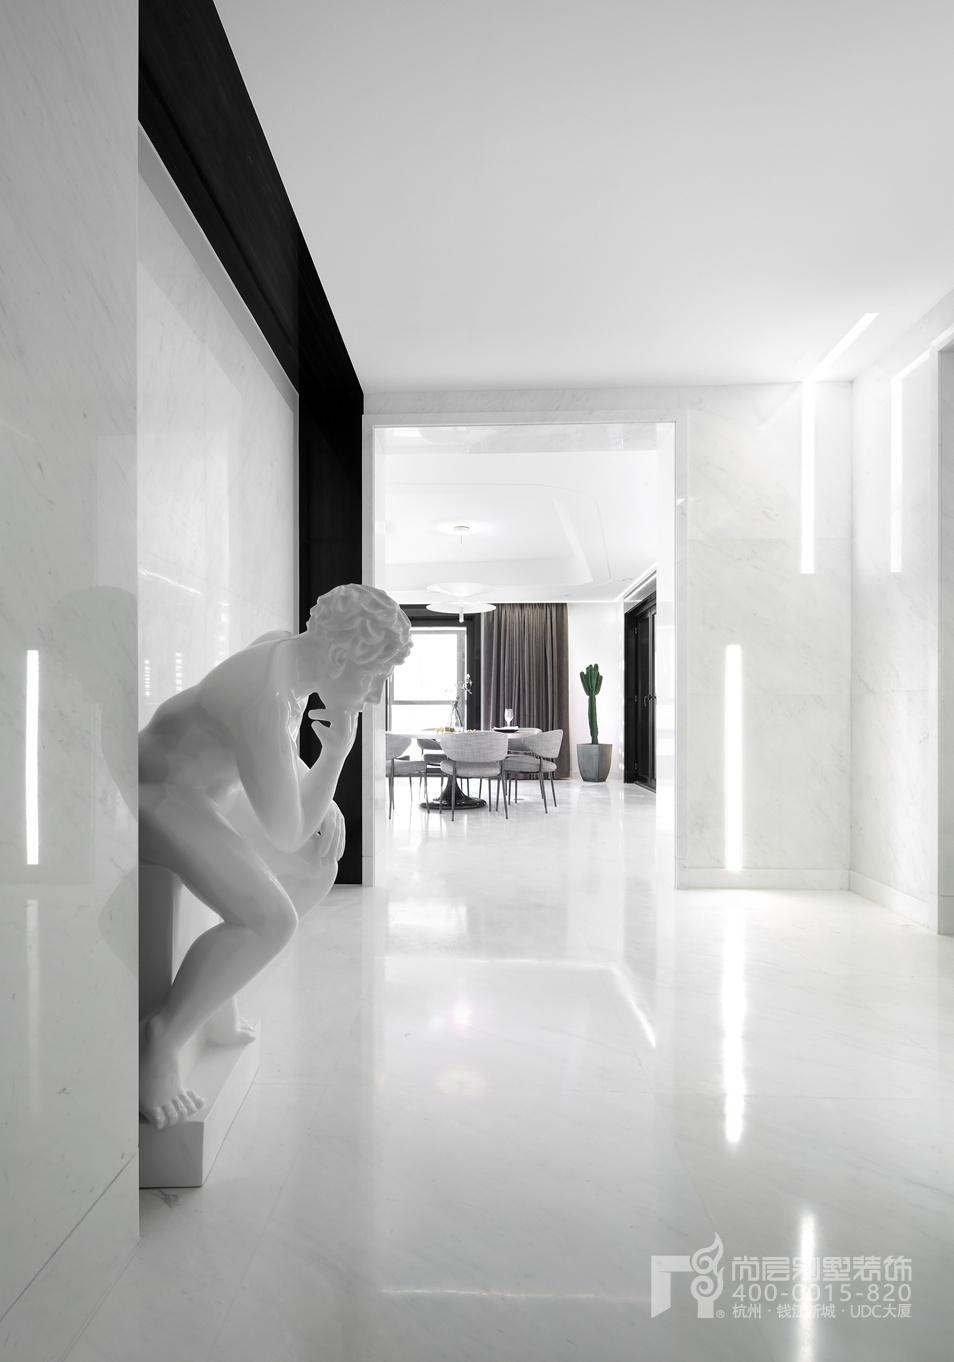 世贸之西湖黑白灰装修设计实景图